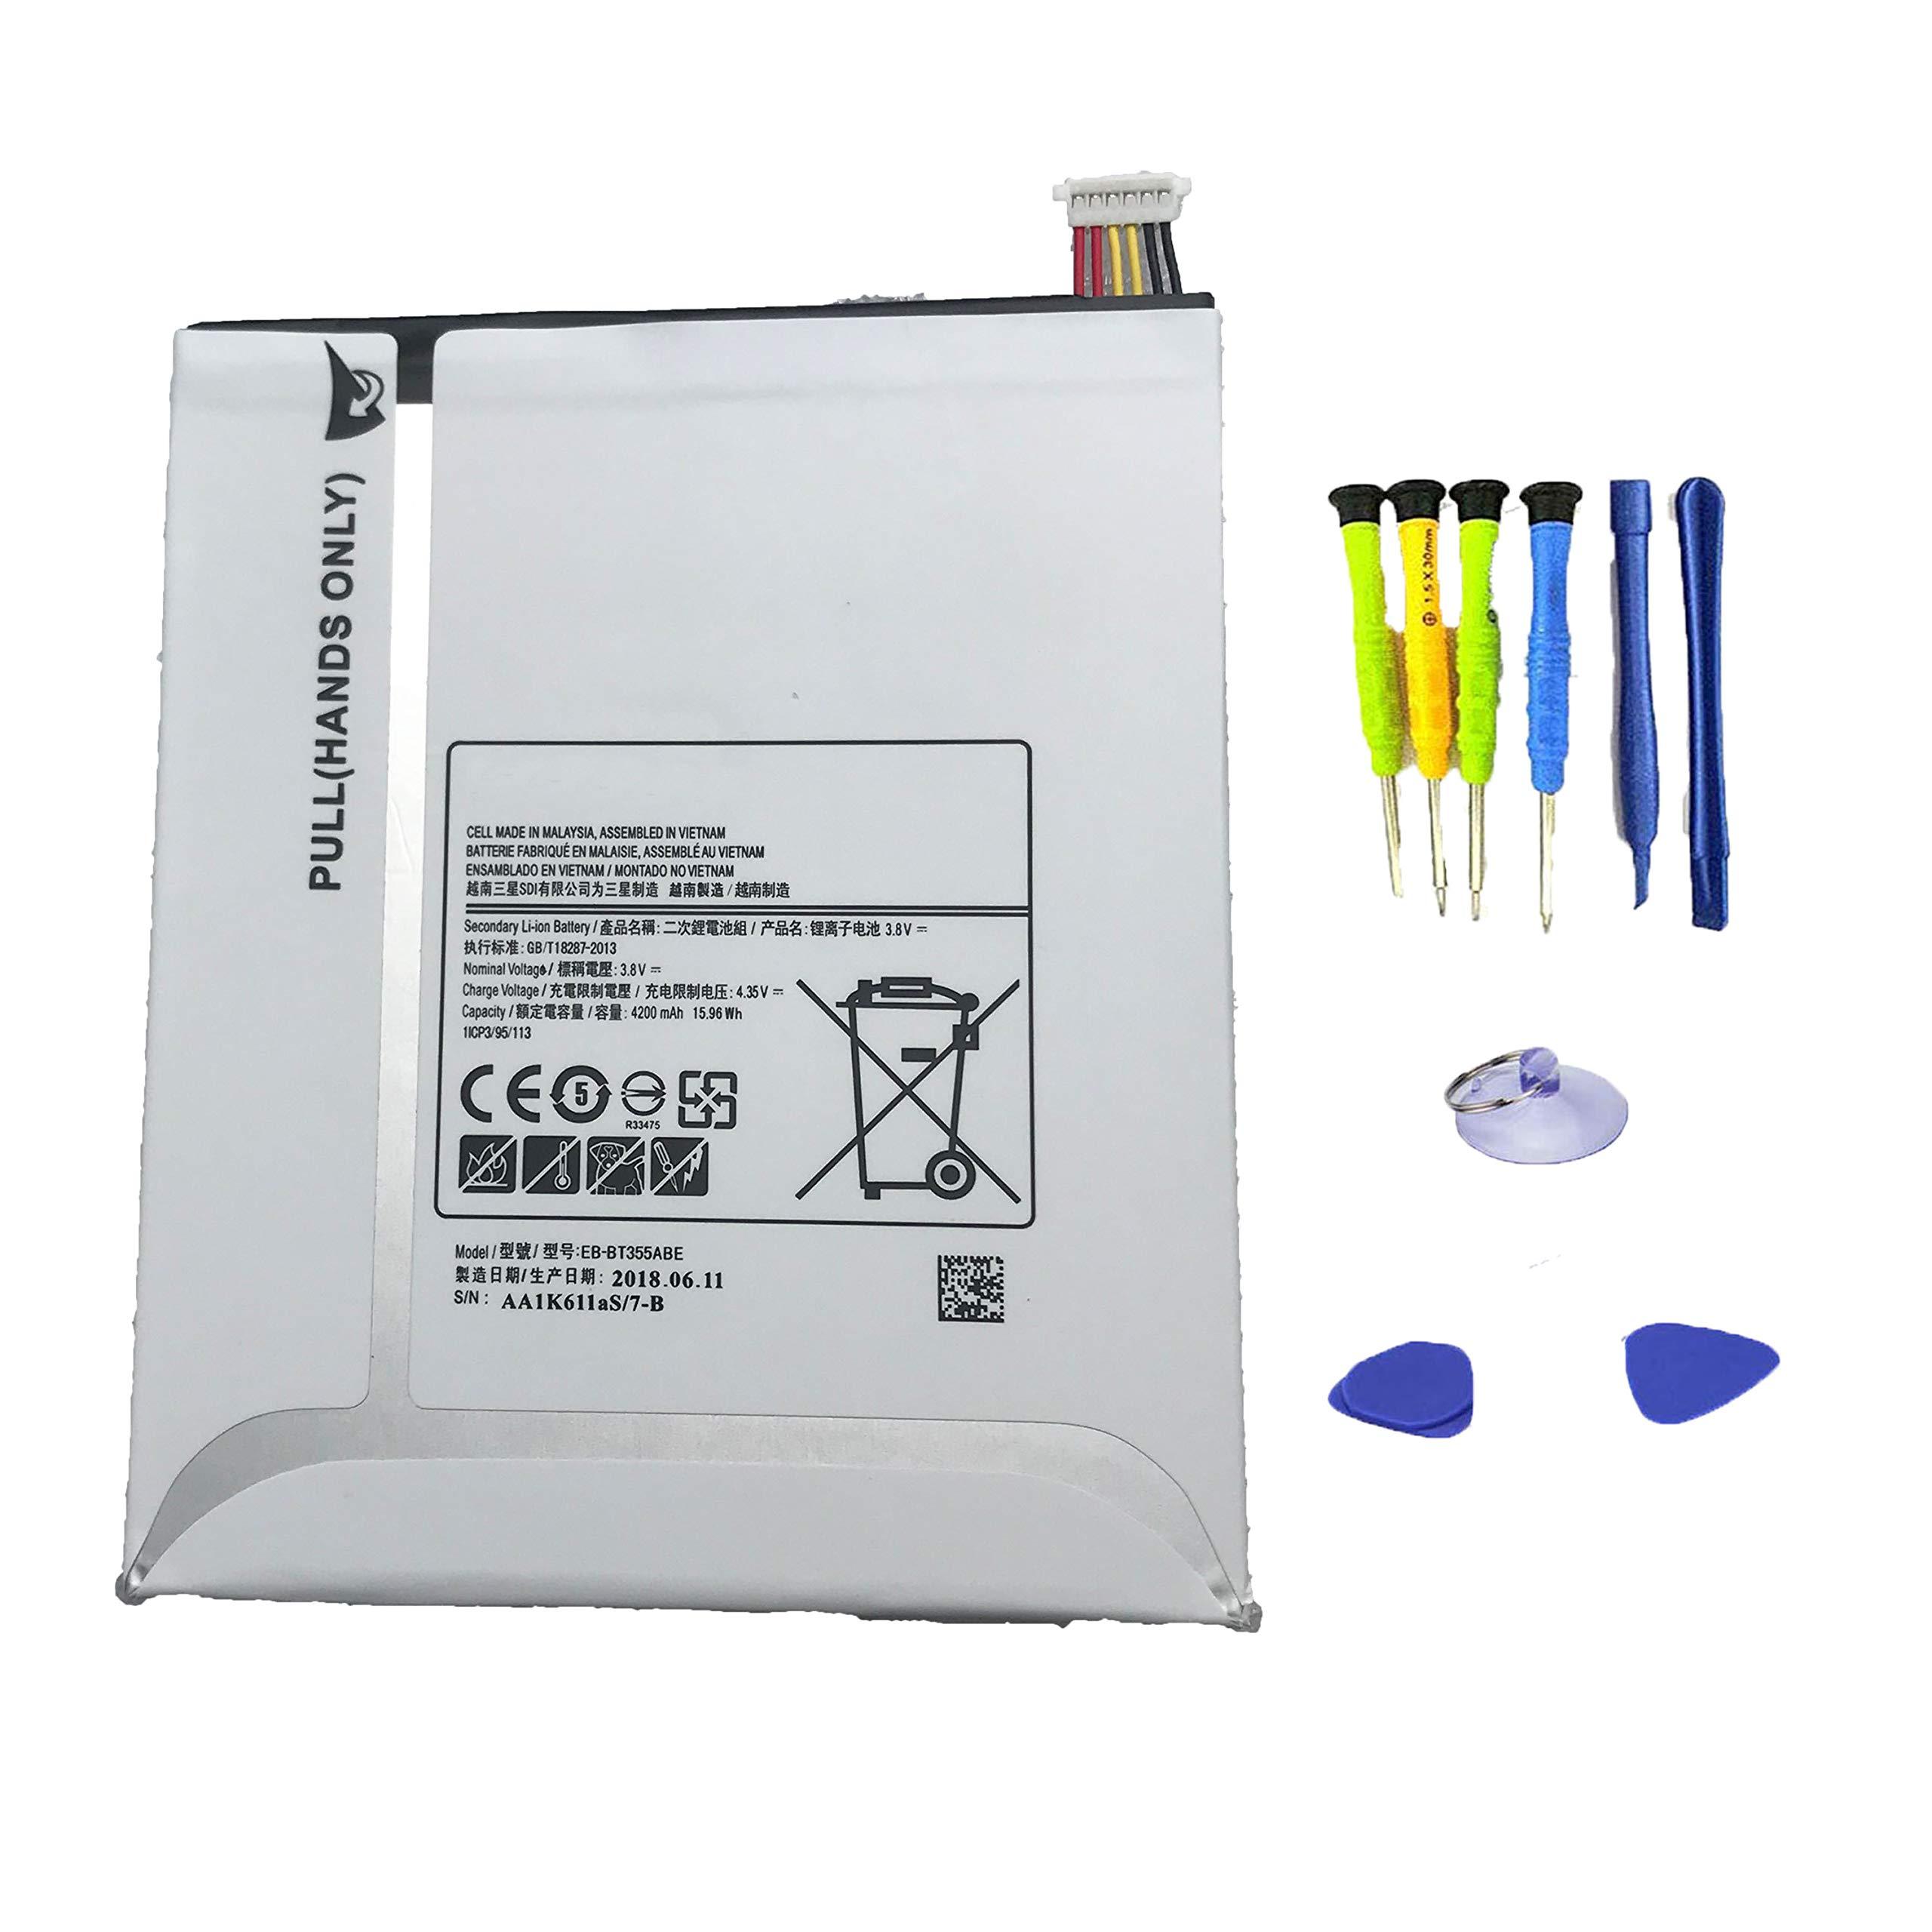 Bateria 3.8v 4200mah Eb-bt355abe Tablet Para Samsung Galaxy Tab A 8 Sm-t350 T355c Tab5 P350 Series Eb-bt355aba Con Tools